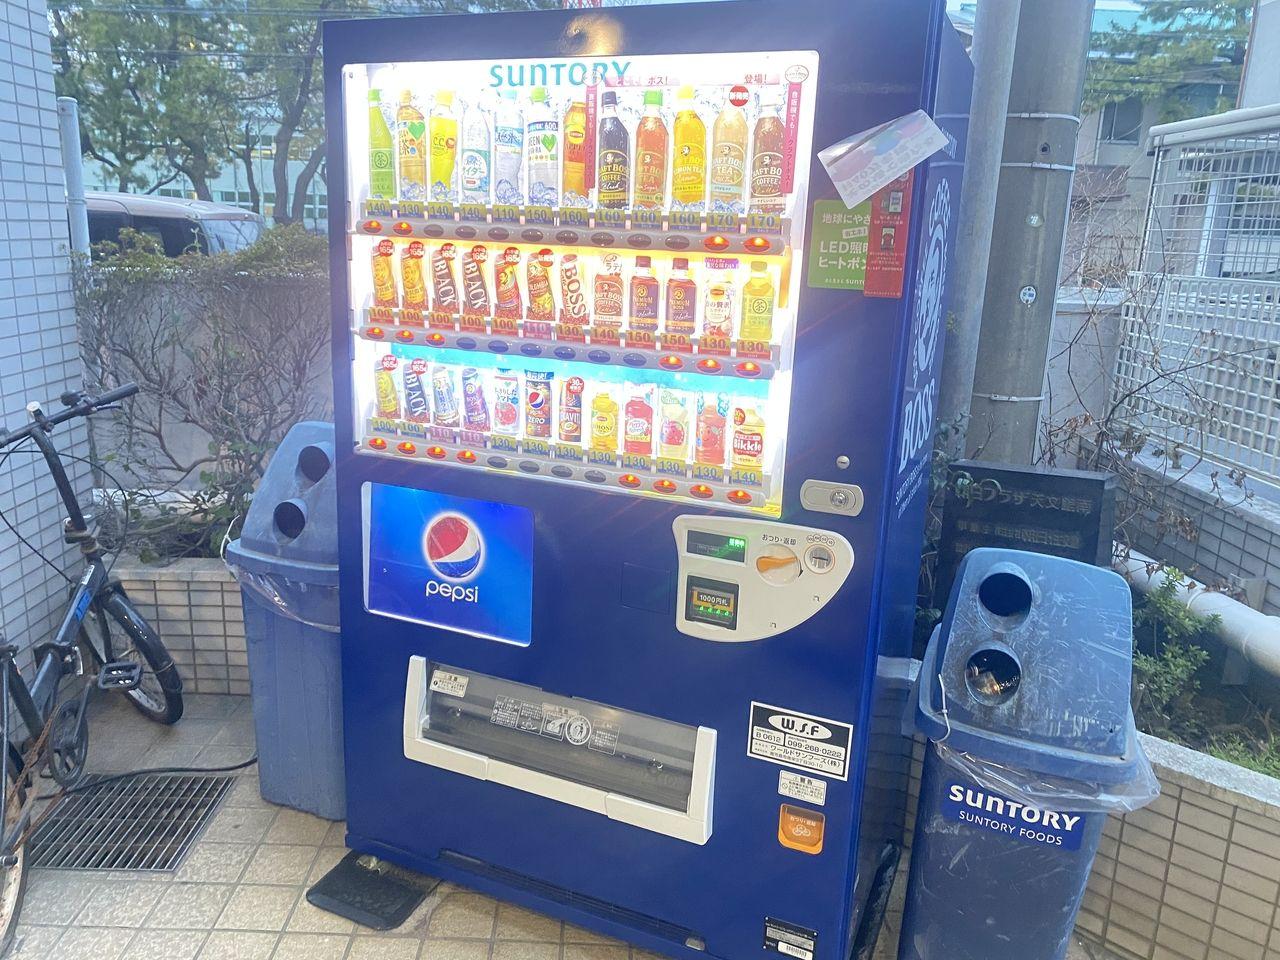 鹿児島市の天文館にある障害者グループホーム桜には敷地内に自動販売機もありとても便利な福祉施設です。